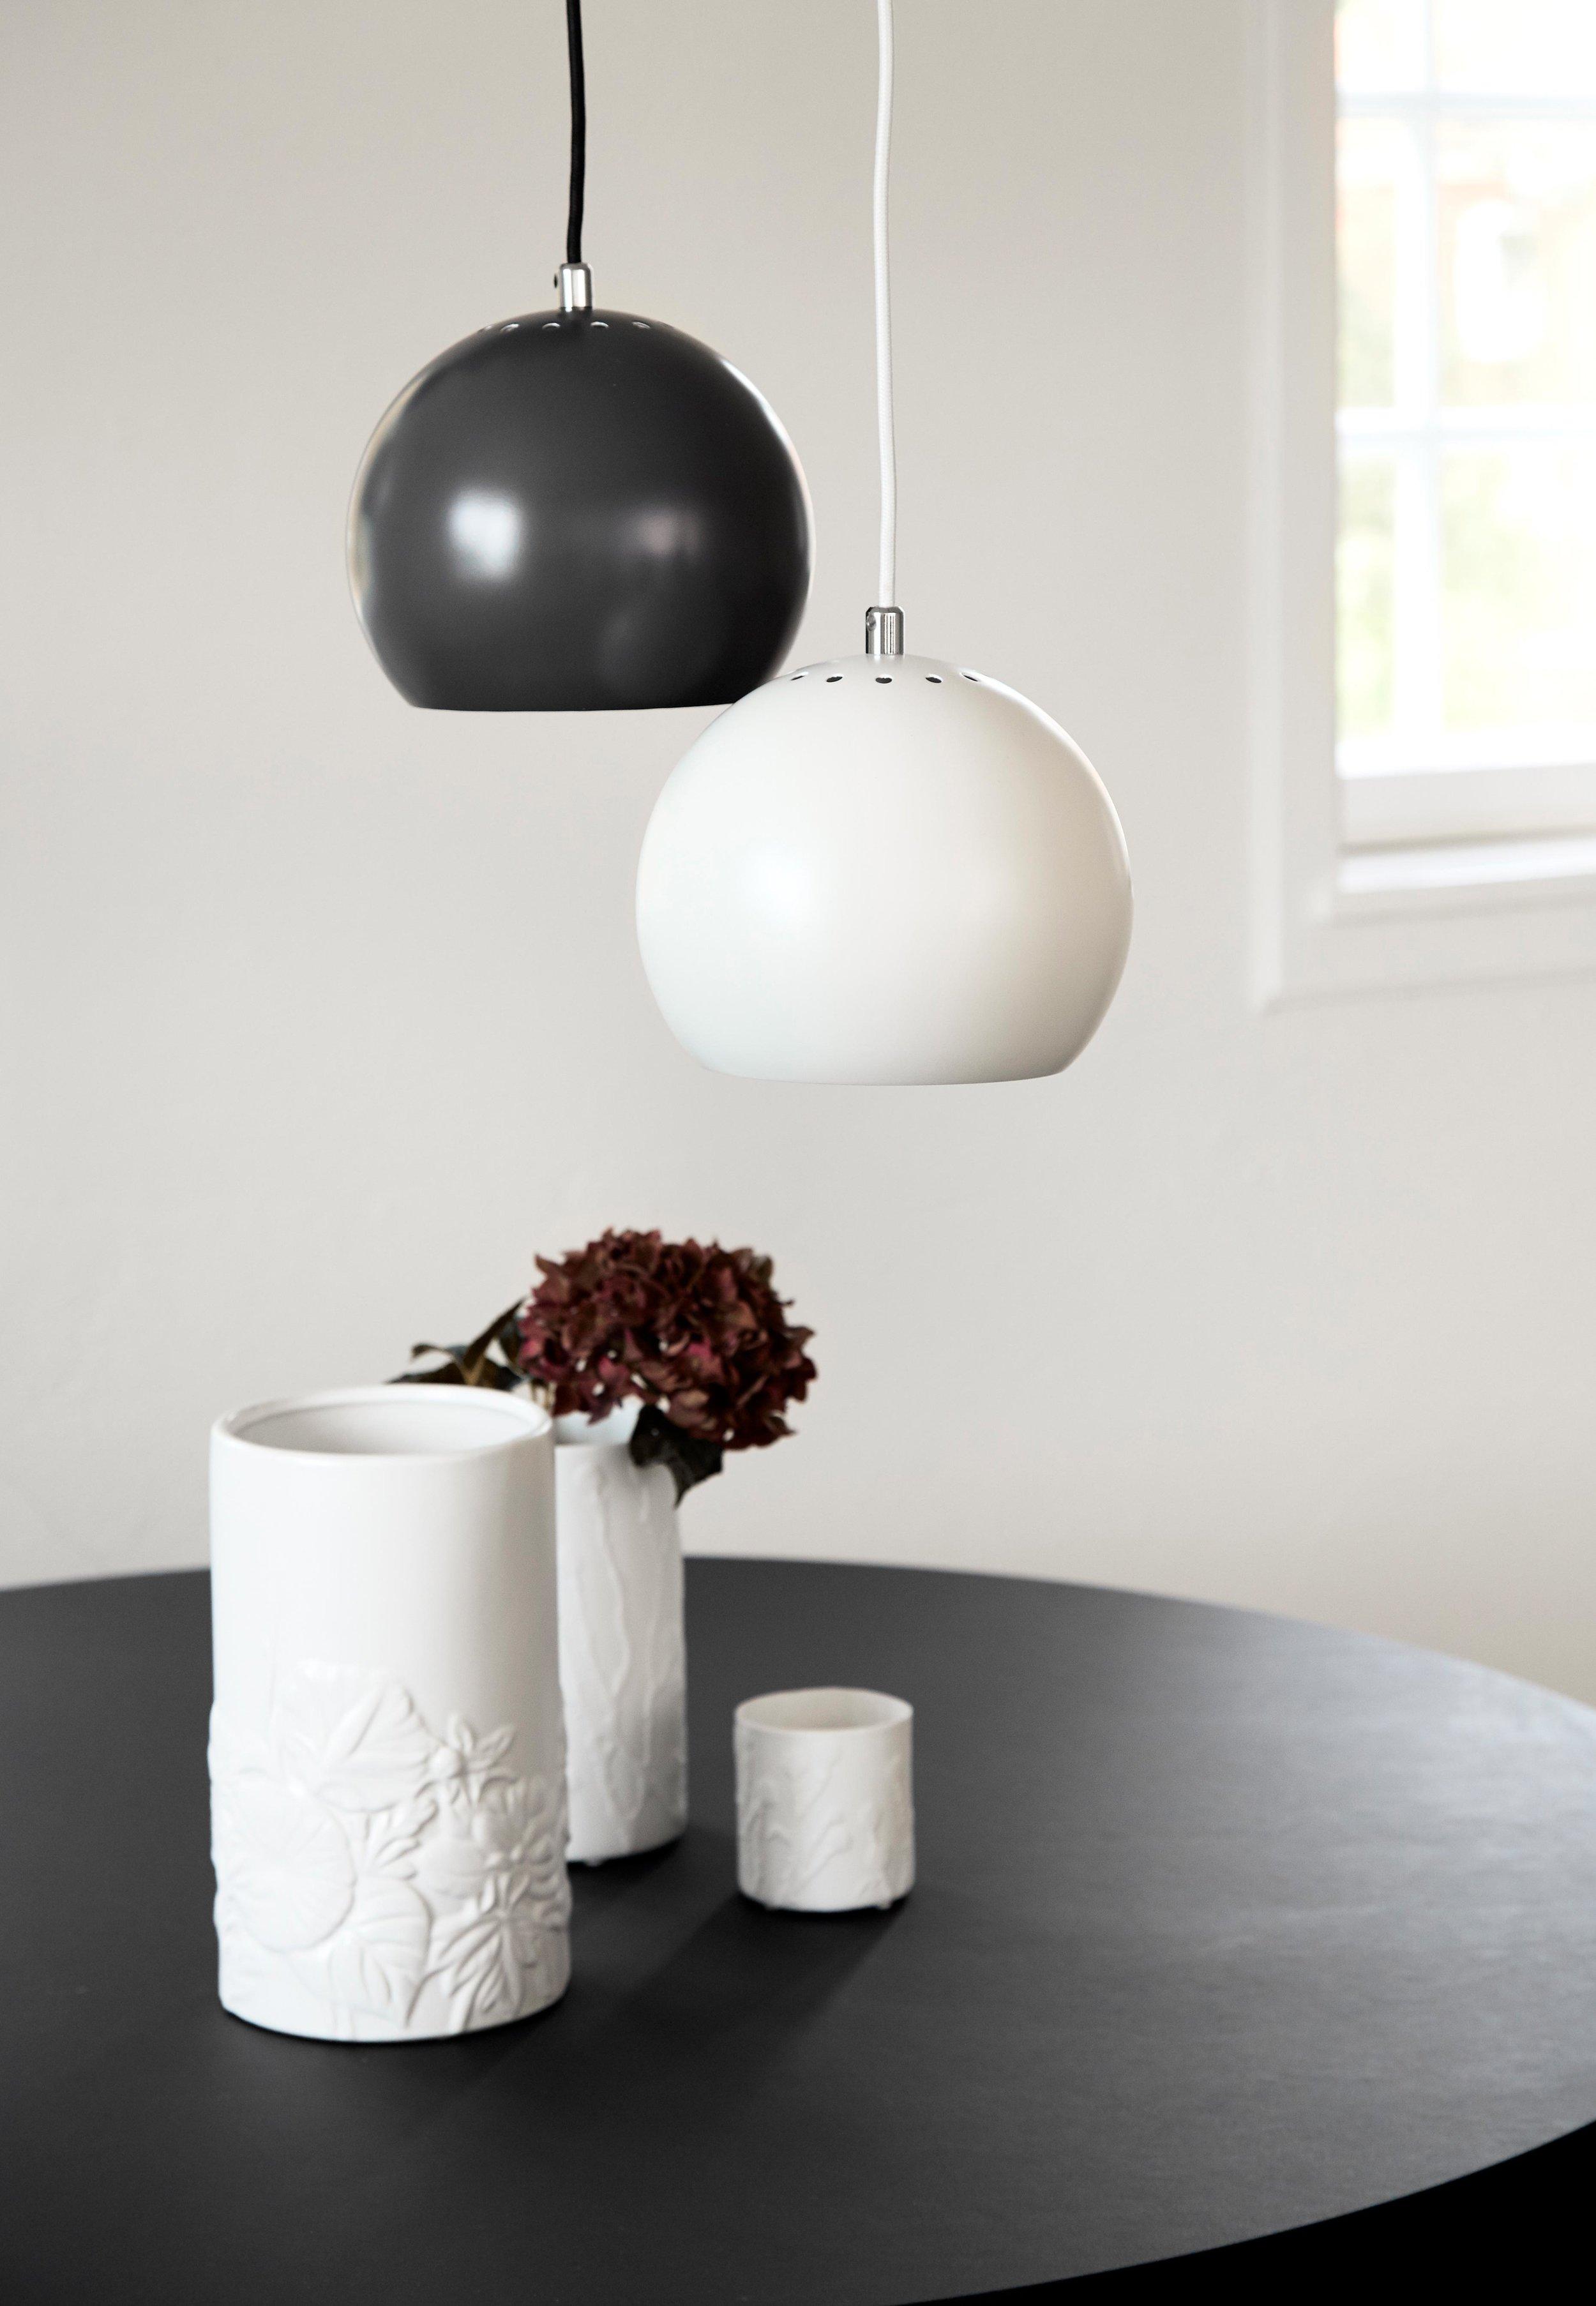 Ball-Pendant-18-cm-black+white-matt---lifestyle-Tirsbæk-Gods-1115.jpg